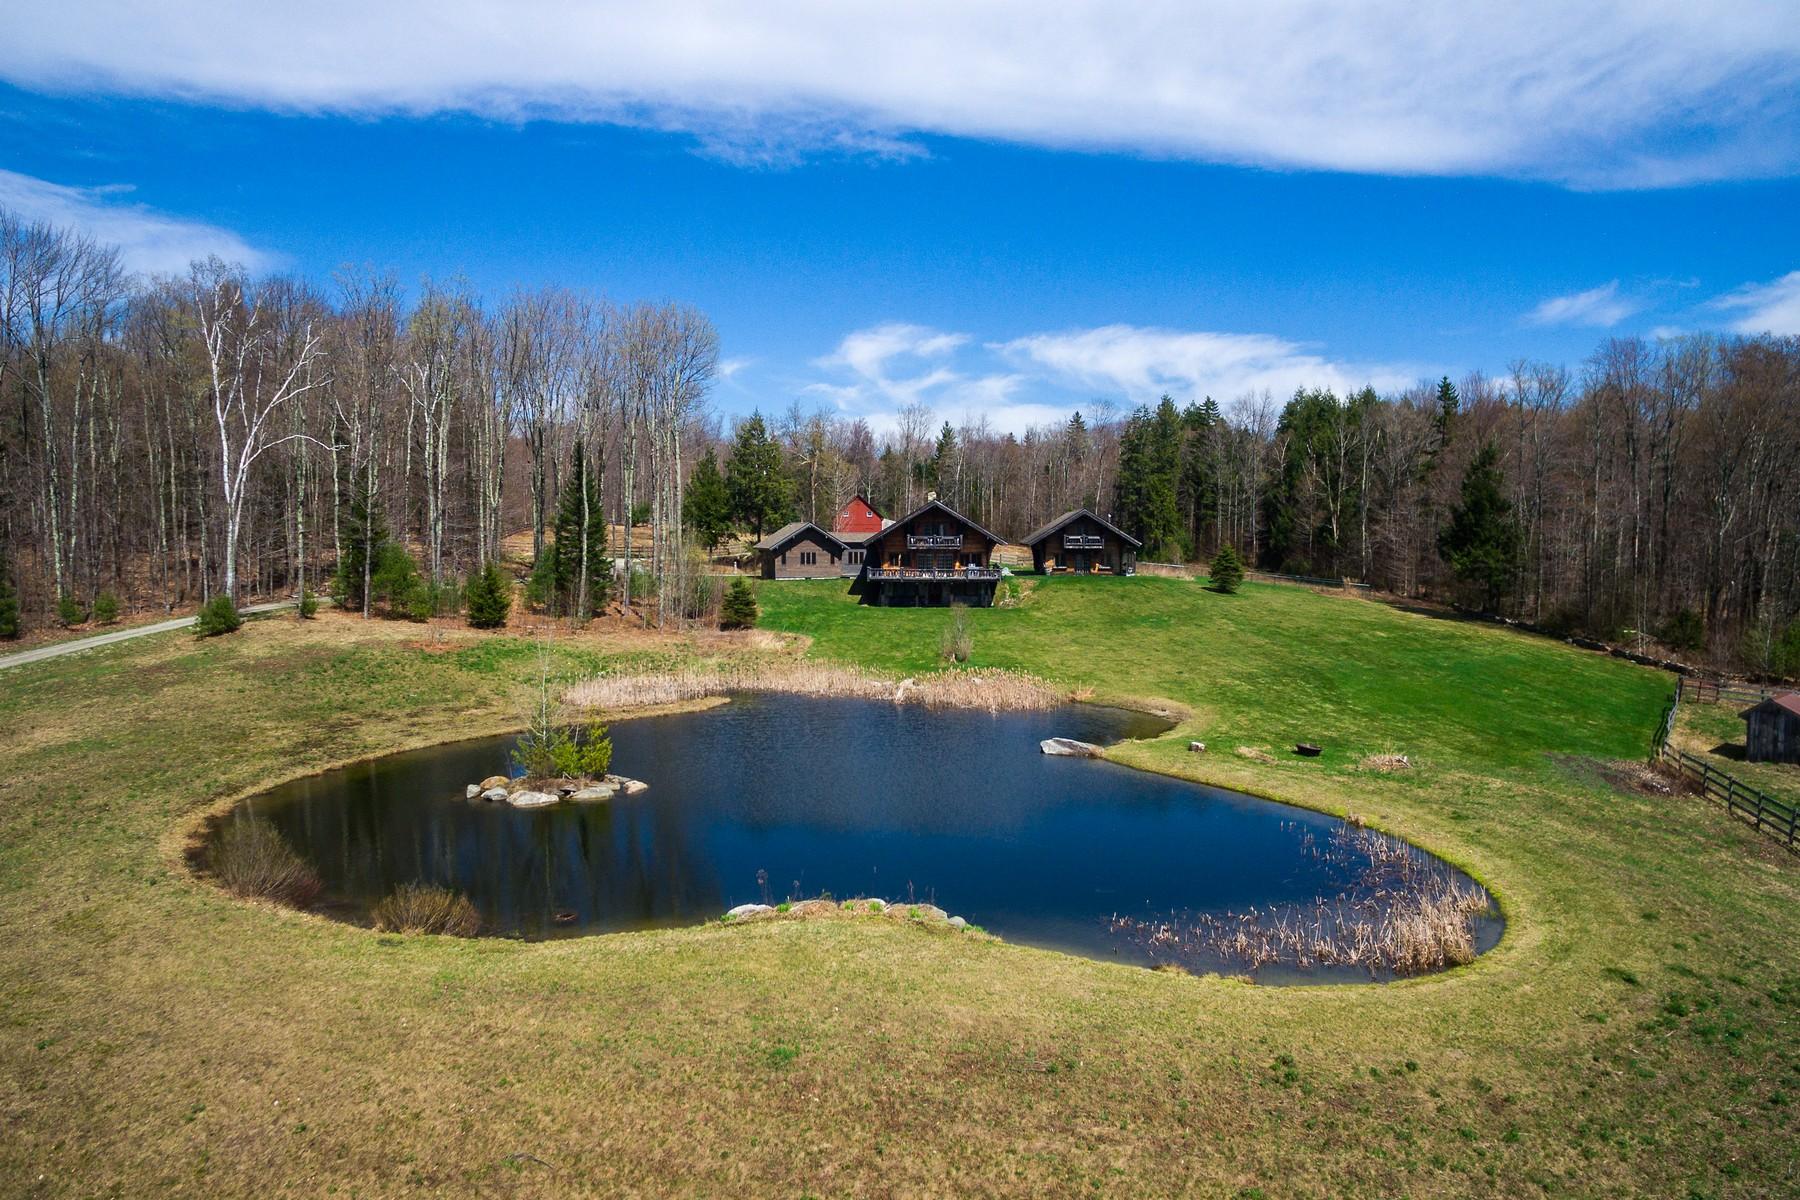 Maison unifamiliale pour l Vente à Lippitt Mountain Farm 32 +Acres, Pond & Views 76 Cody Rd Landgrove, Vermont, 05148 États-Unis